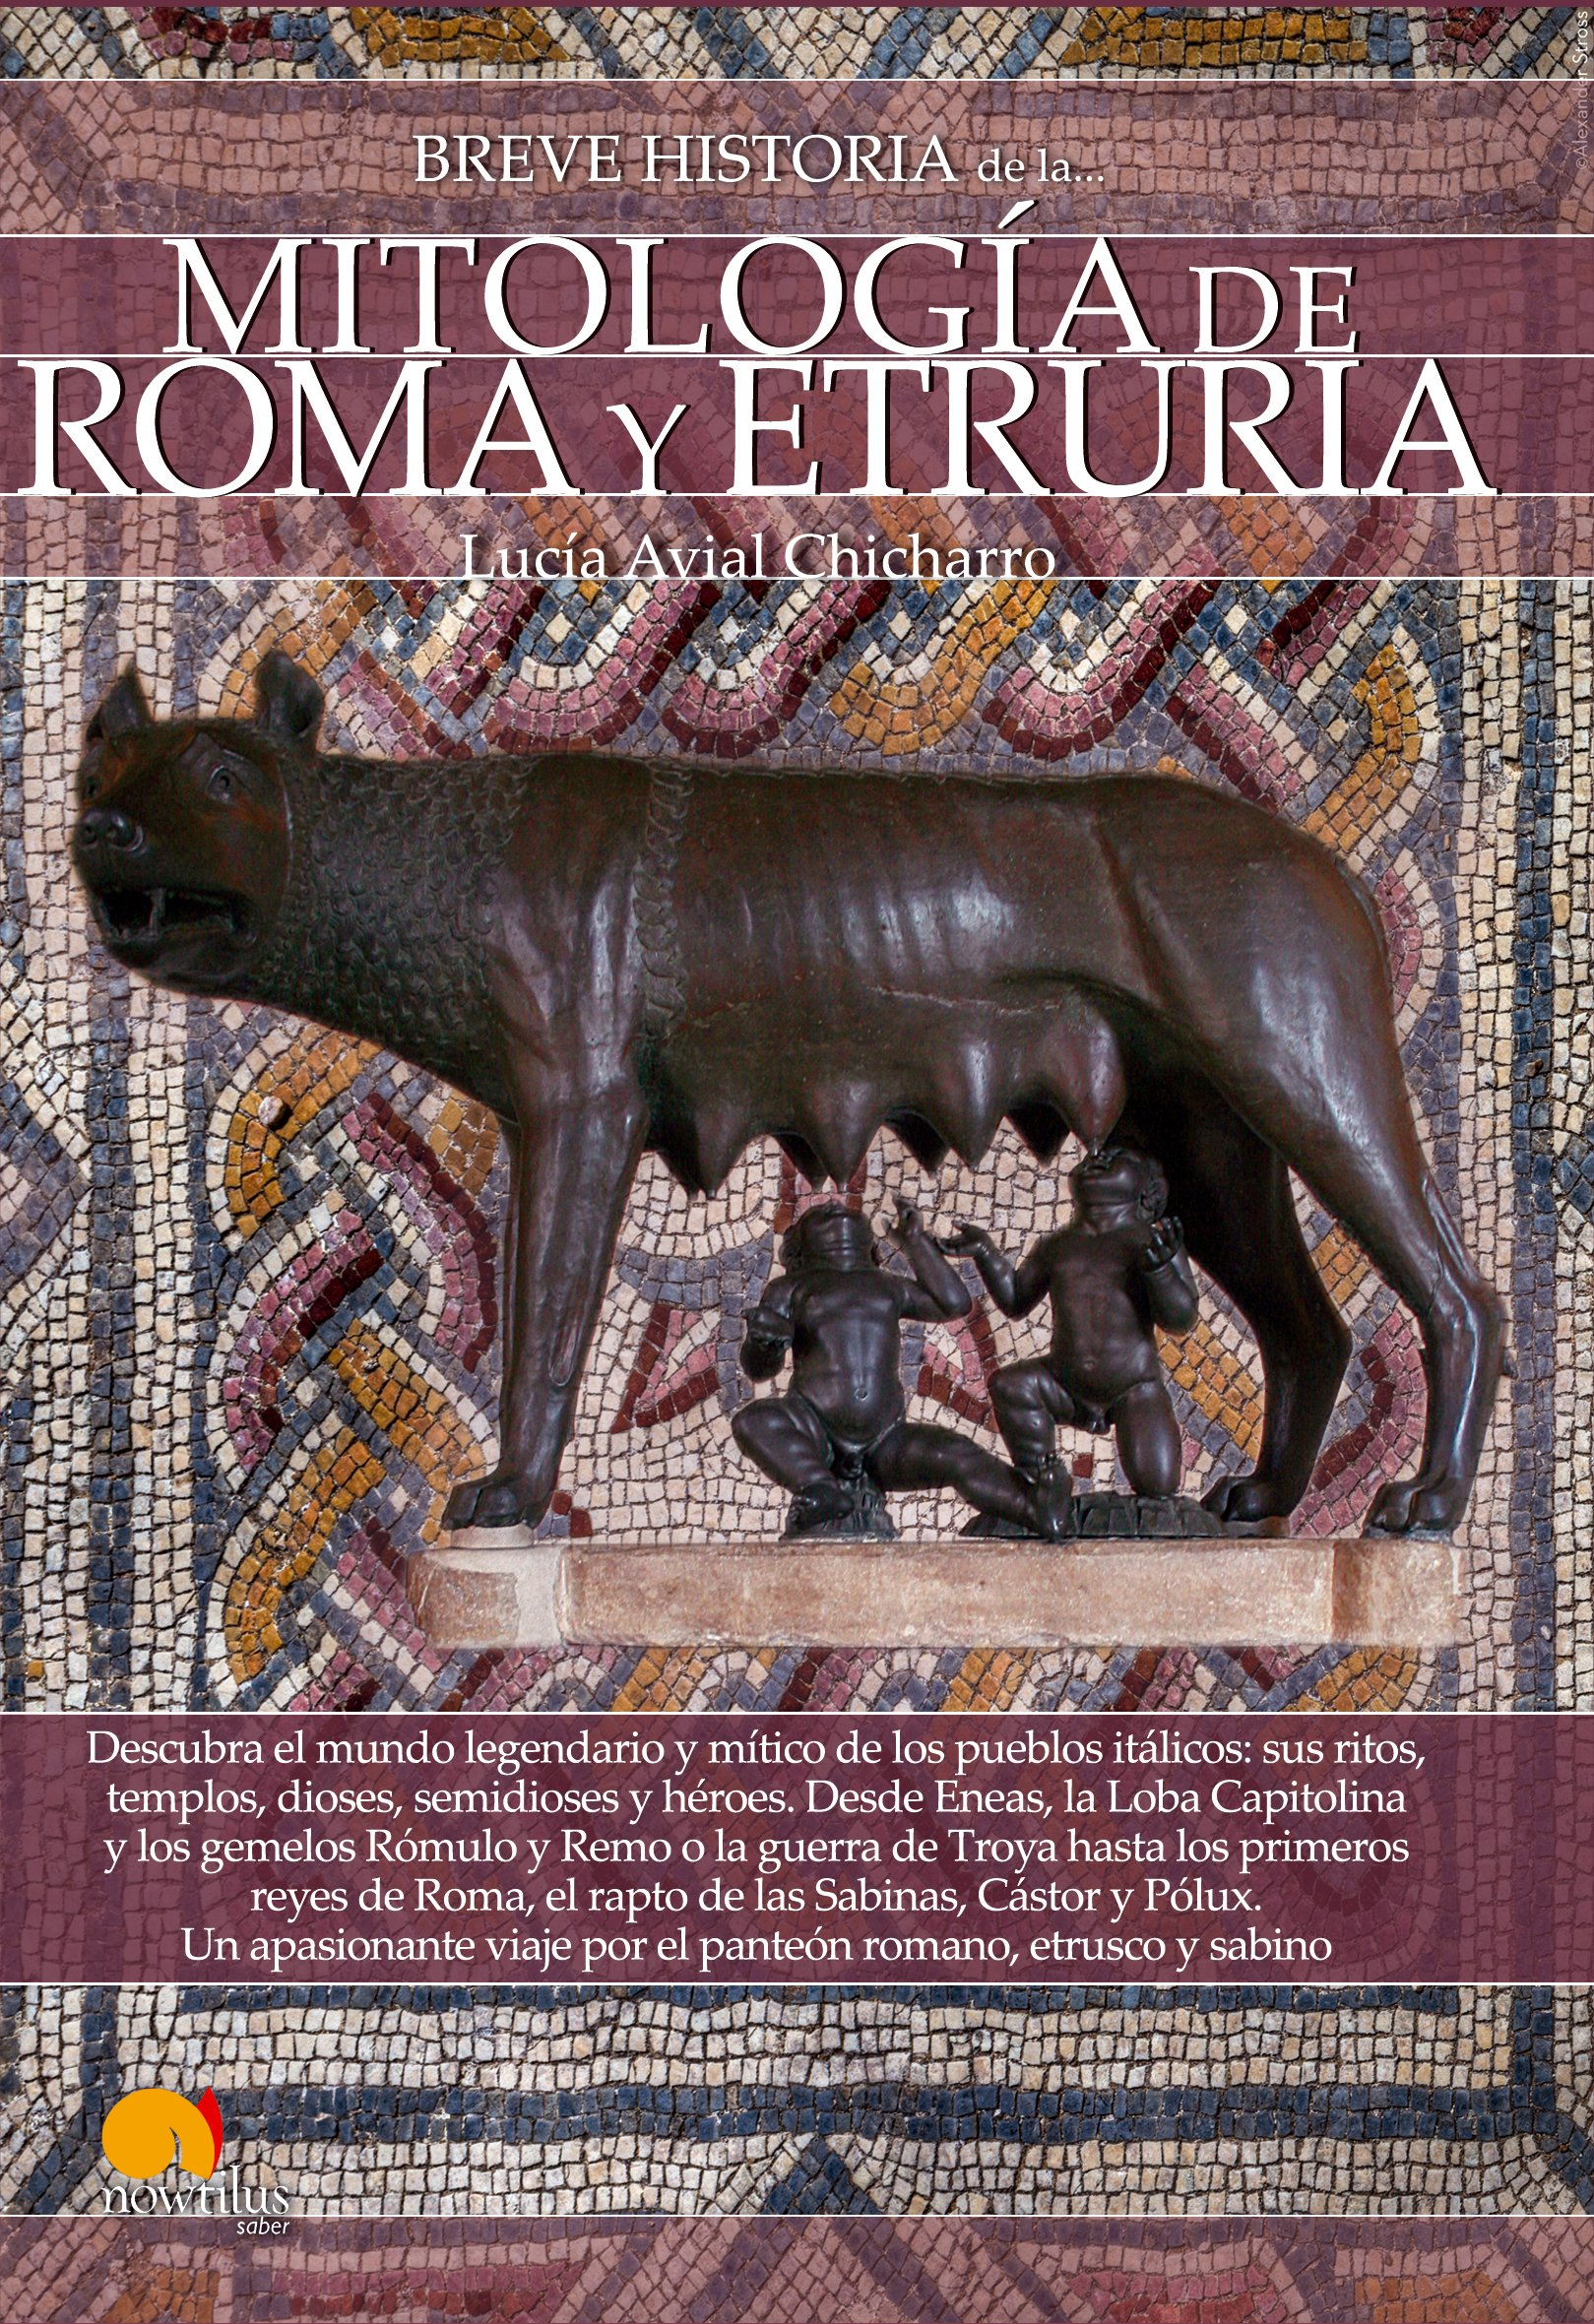 Breve historia de la Mitología de Roma y Etruria: Amazon.es: Avial Chicharro, Lucía: Libros